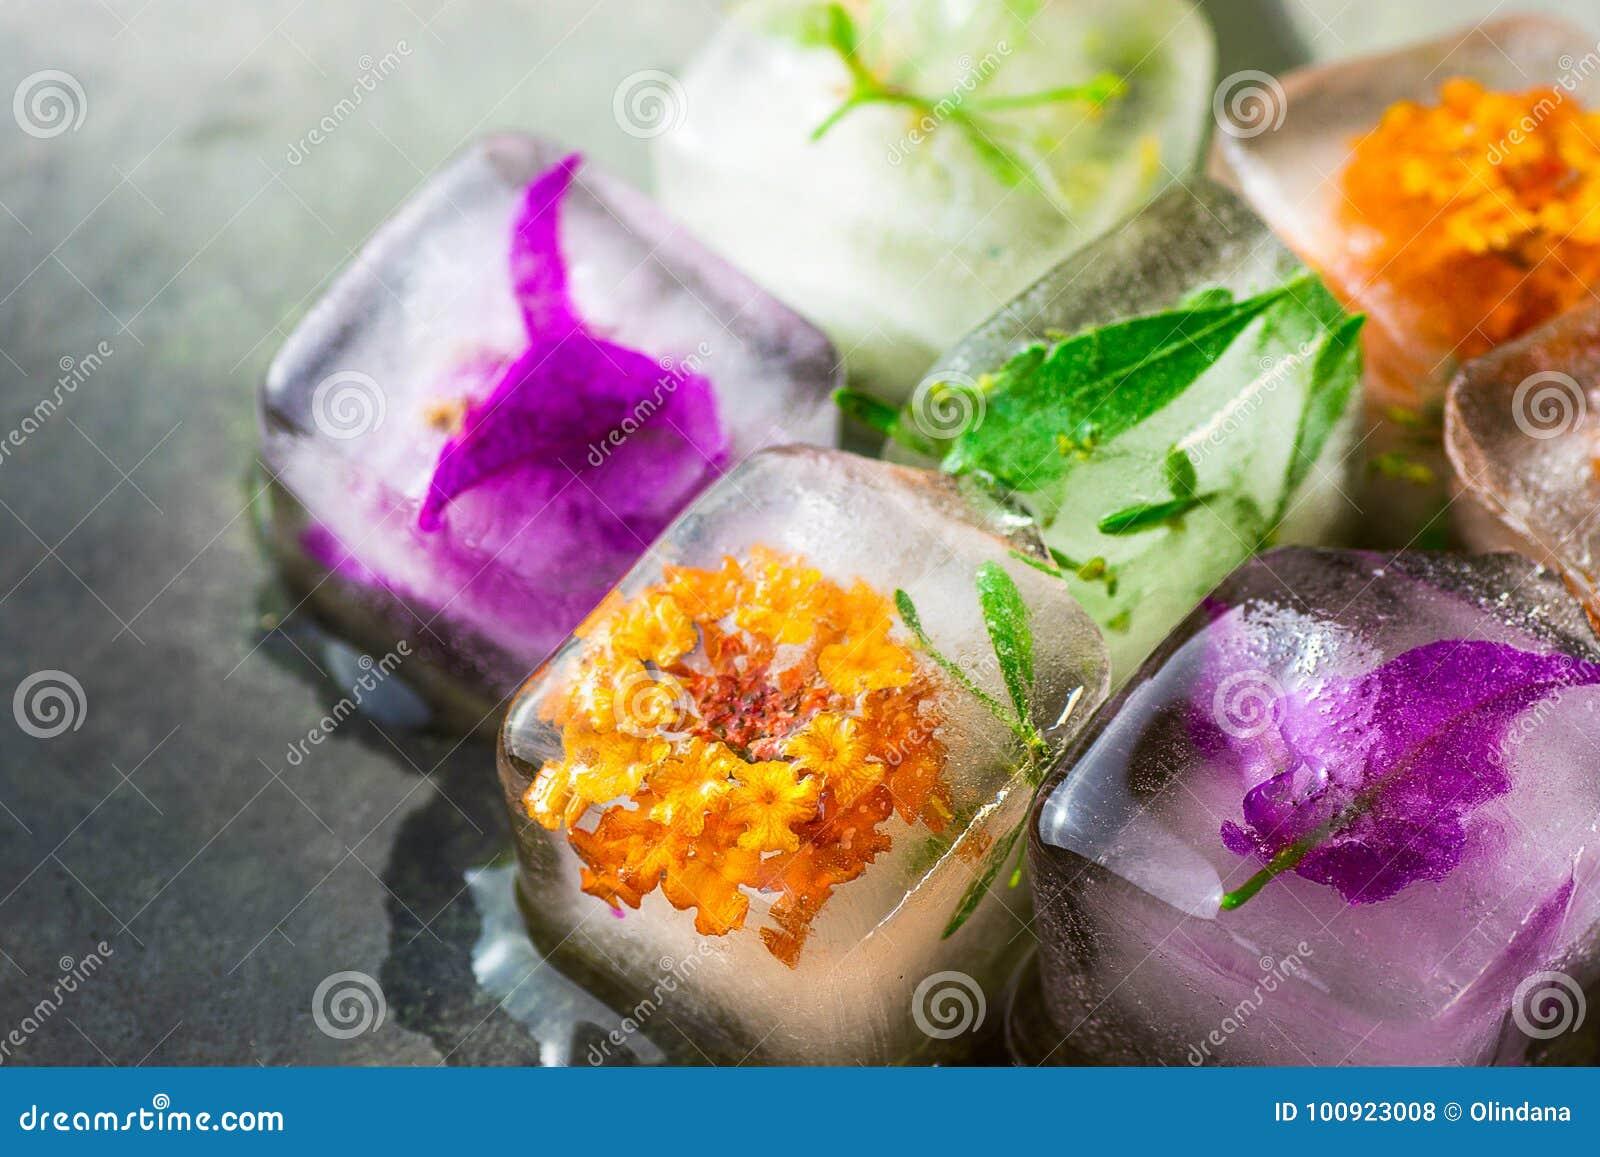 Handmade kostki lodu z Zamarzniętego ziele rośliien kwiatów skóry opieki piękna Twarzowego zdroju Antym starzeniem się